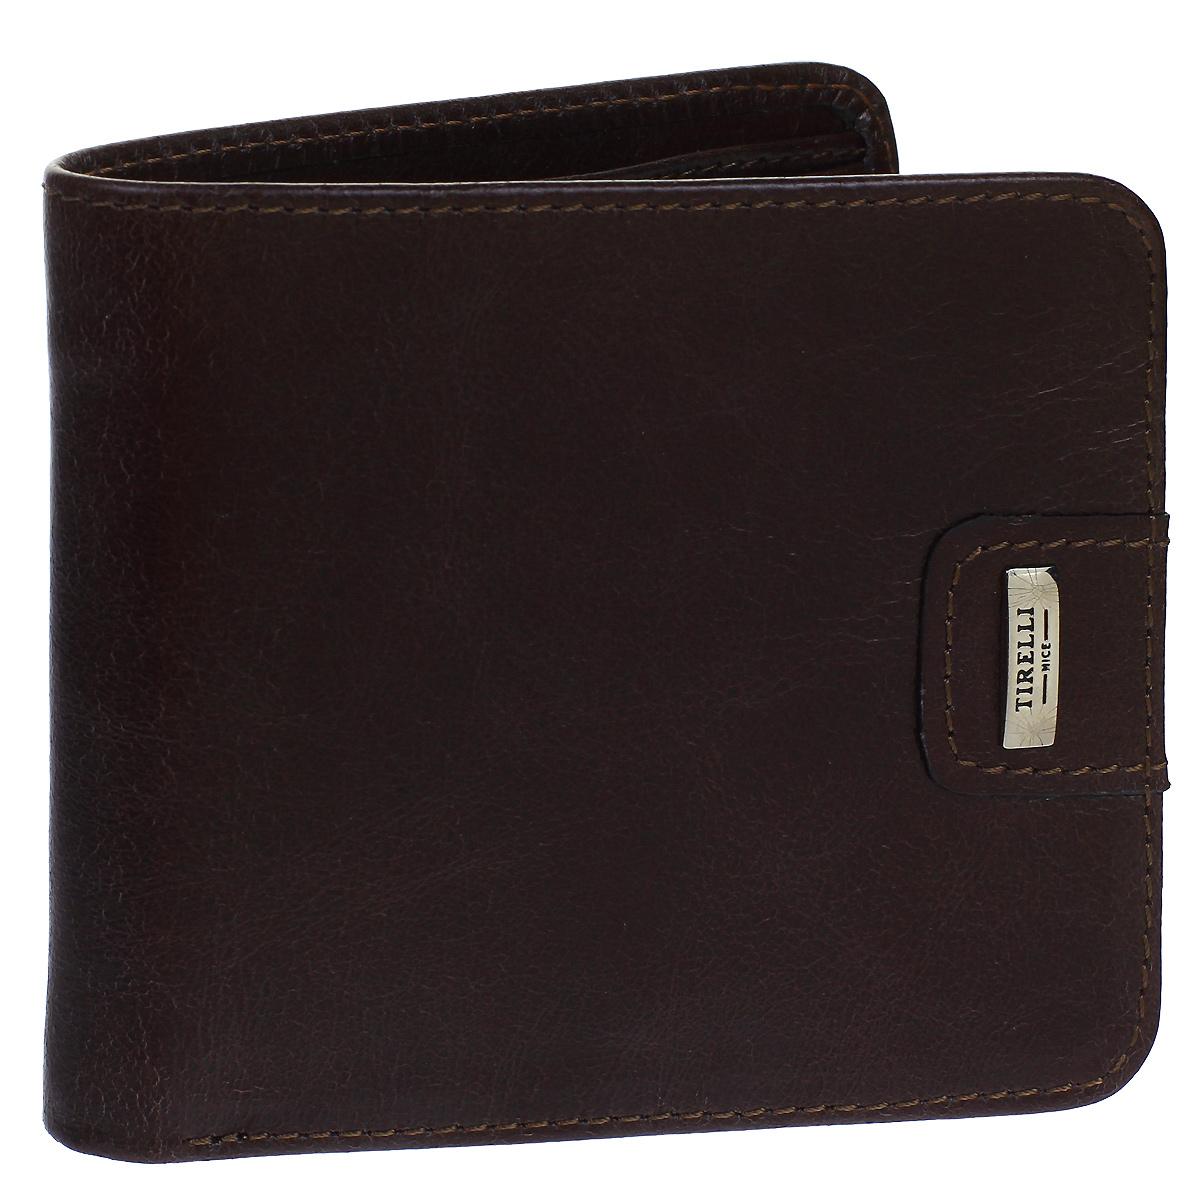 Портмоне мужское Tirelli Денвер, цвет: коричневый. 15-315-1215-315-12Мужское портмоне Tirelli Денвер изготовлено из натуральной кожи коричневого цвета с матовой текстурой. Портмоне оформлено фирменным логотипом. Внутри имеется два отделения для купюр, три кармана для хранения пластиковых карт, визиток, дисконтных карт, одно отделение с пластиковым окошком для фото и один потайной кармашек. Такое портмоне не только поможет сохранить внешний вид ваших документов и защитит их от повреждений, но и станет ярким аксессуаром, который подчеркнет ваш образ. Изделие упаковано в подарочную коробку синего цвета с логотипом фирмы Tirelli. Характеристики: Материал: натуральная кожа, текстиль, металл. Цвет: коричневый. Размер портмоне (в сложенном виде): 11 см х 9,5 см х 1,5 см.